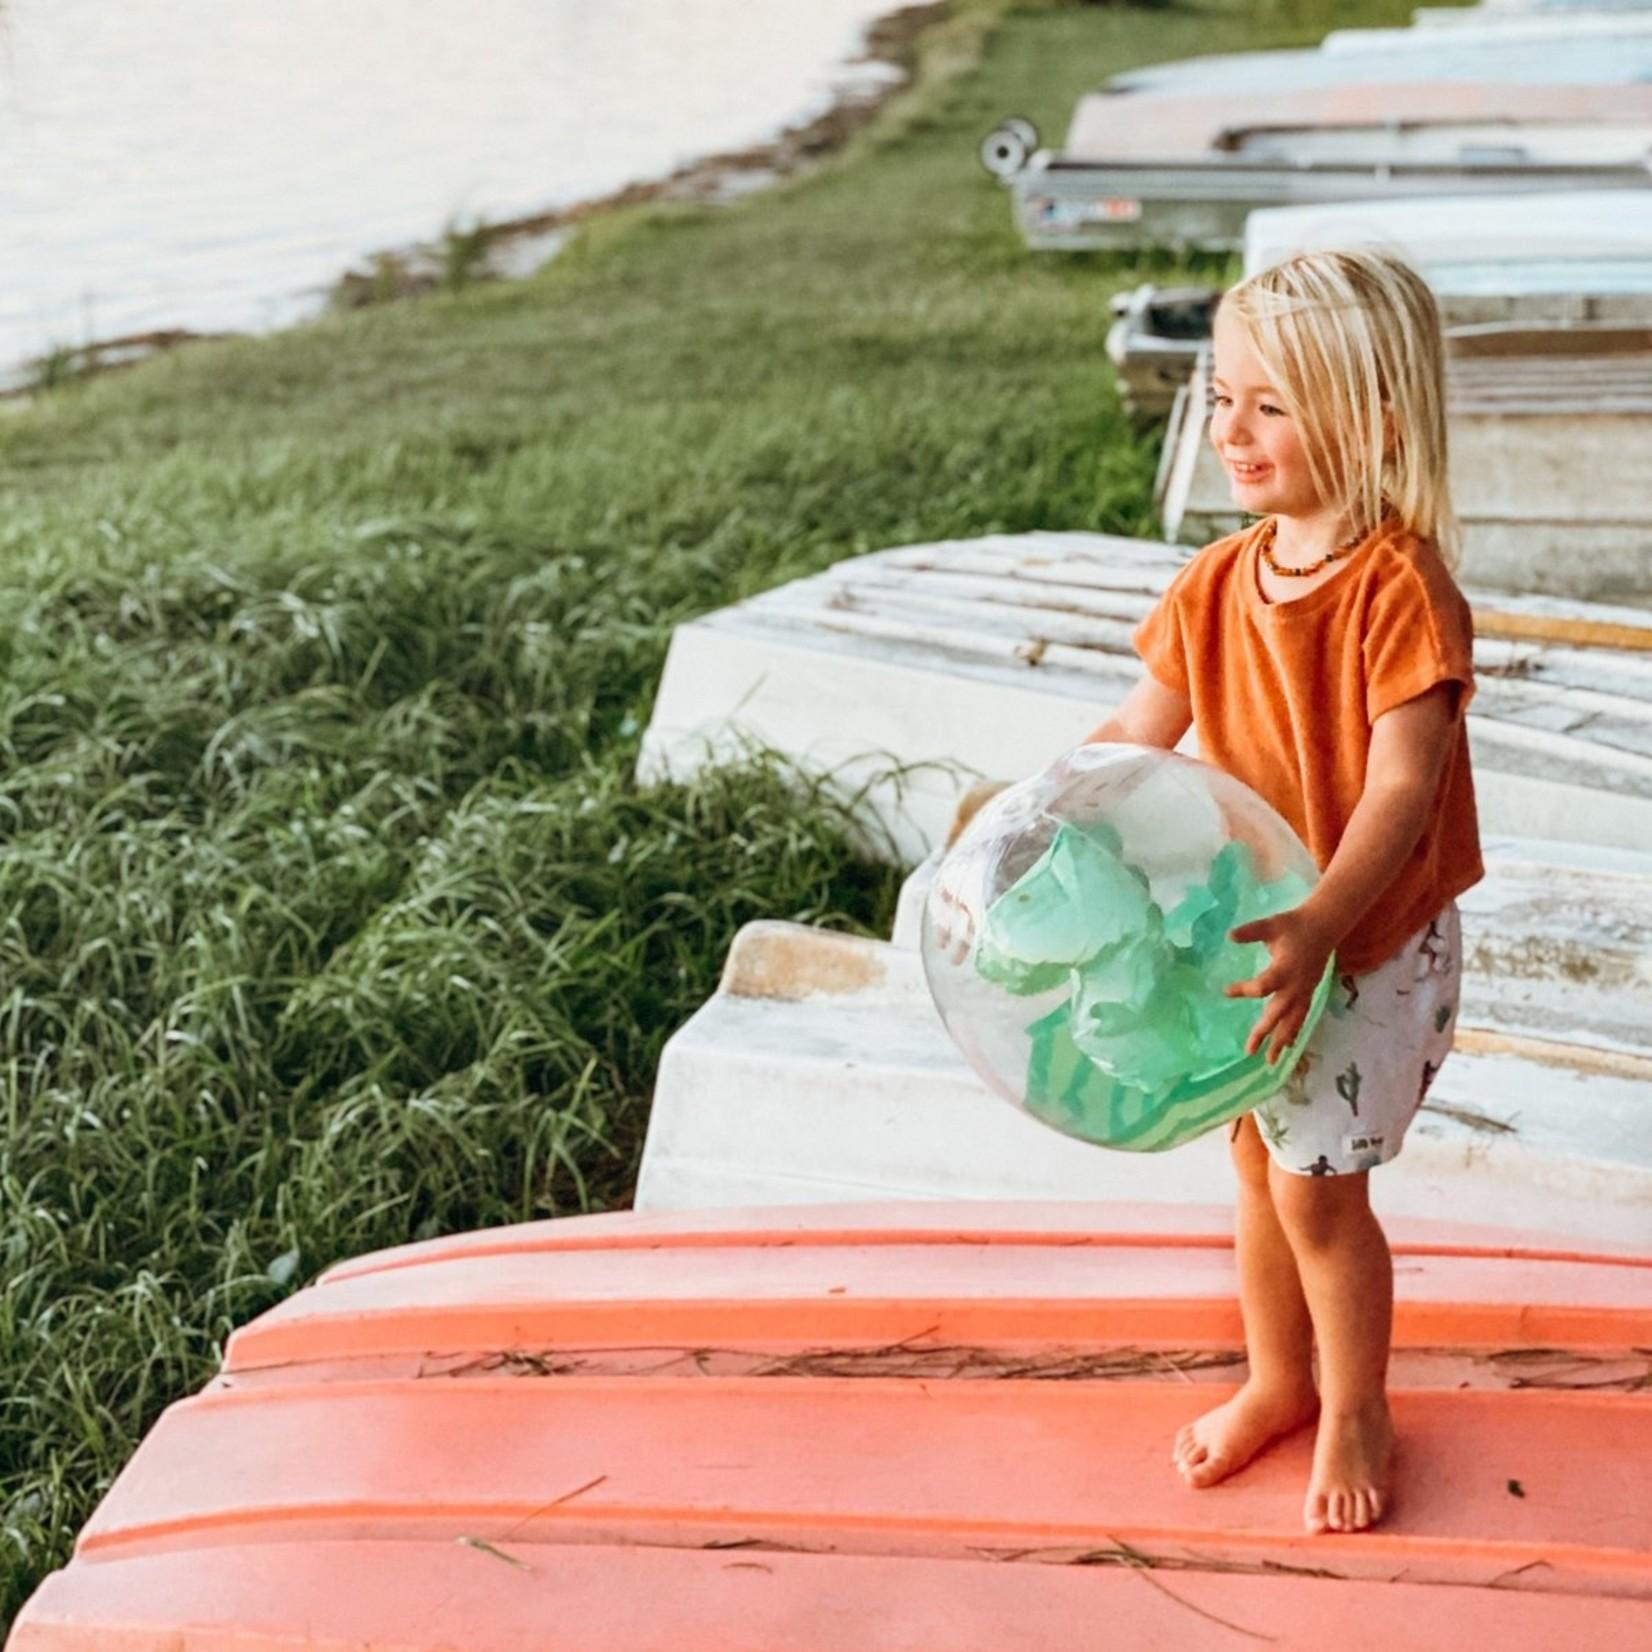 SUNNY LIFE INFLATABLE 3D BEACH BALL DINO